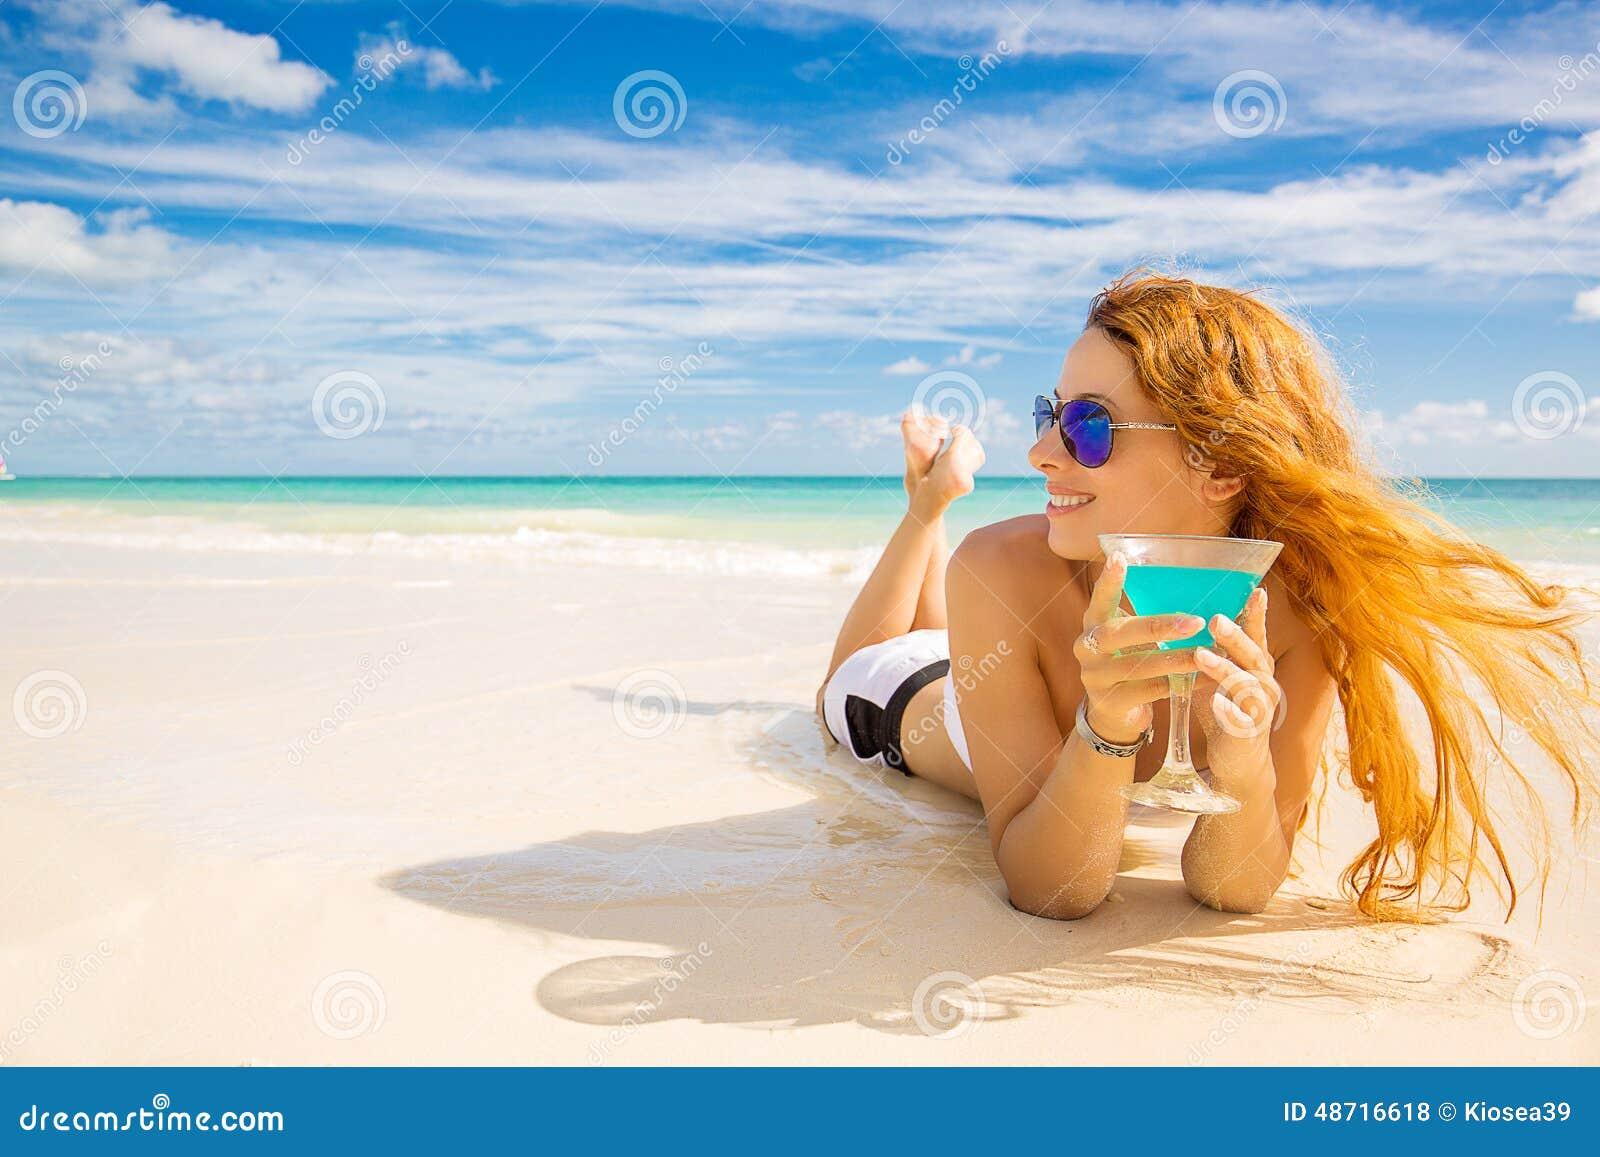 Ευτυχής γυναίκα στην παραλία που απολαμβάνει τον ηλιόλουστο καιρό